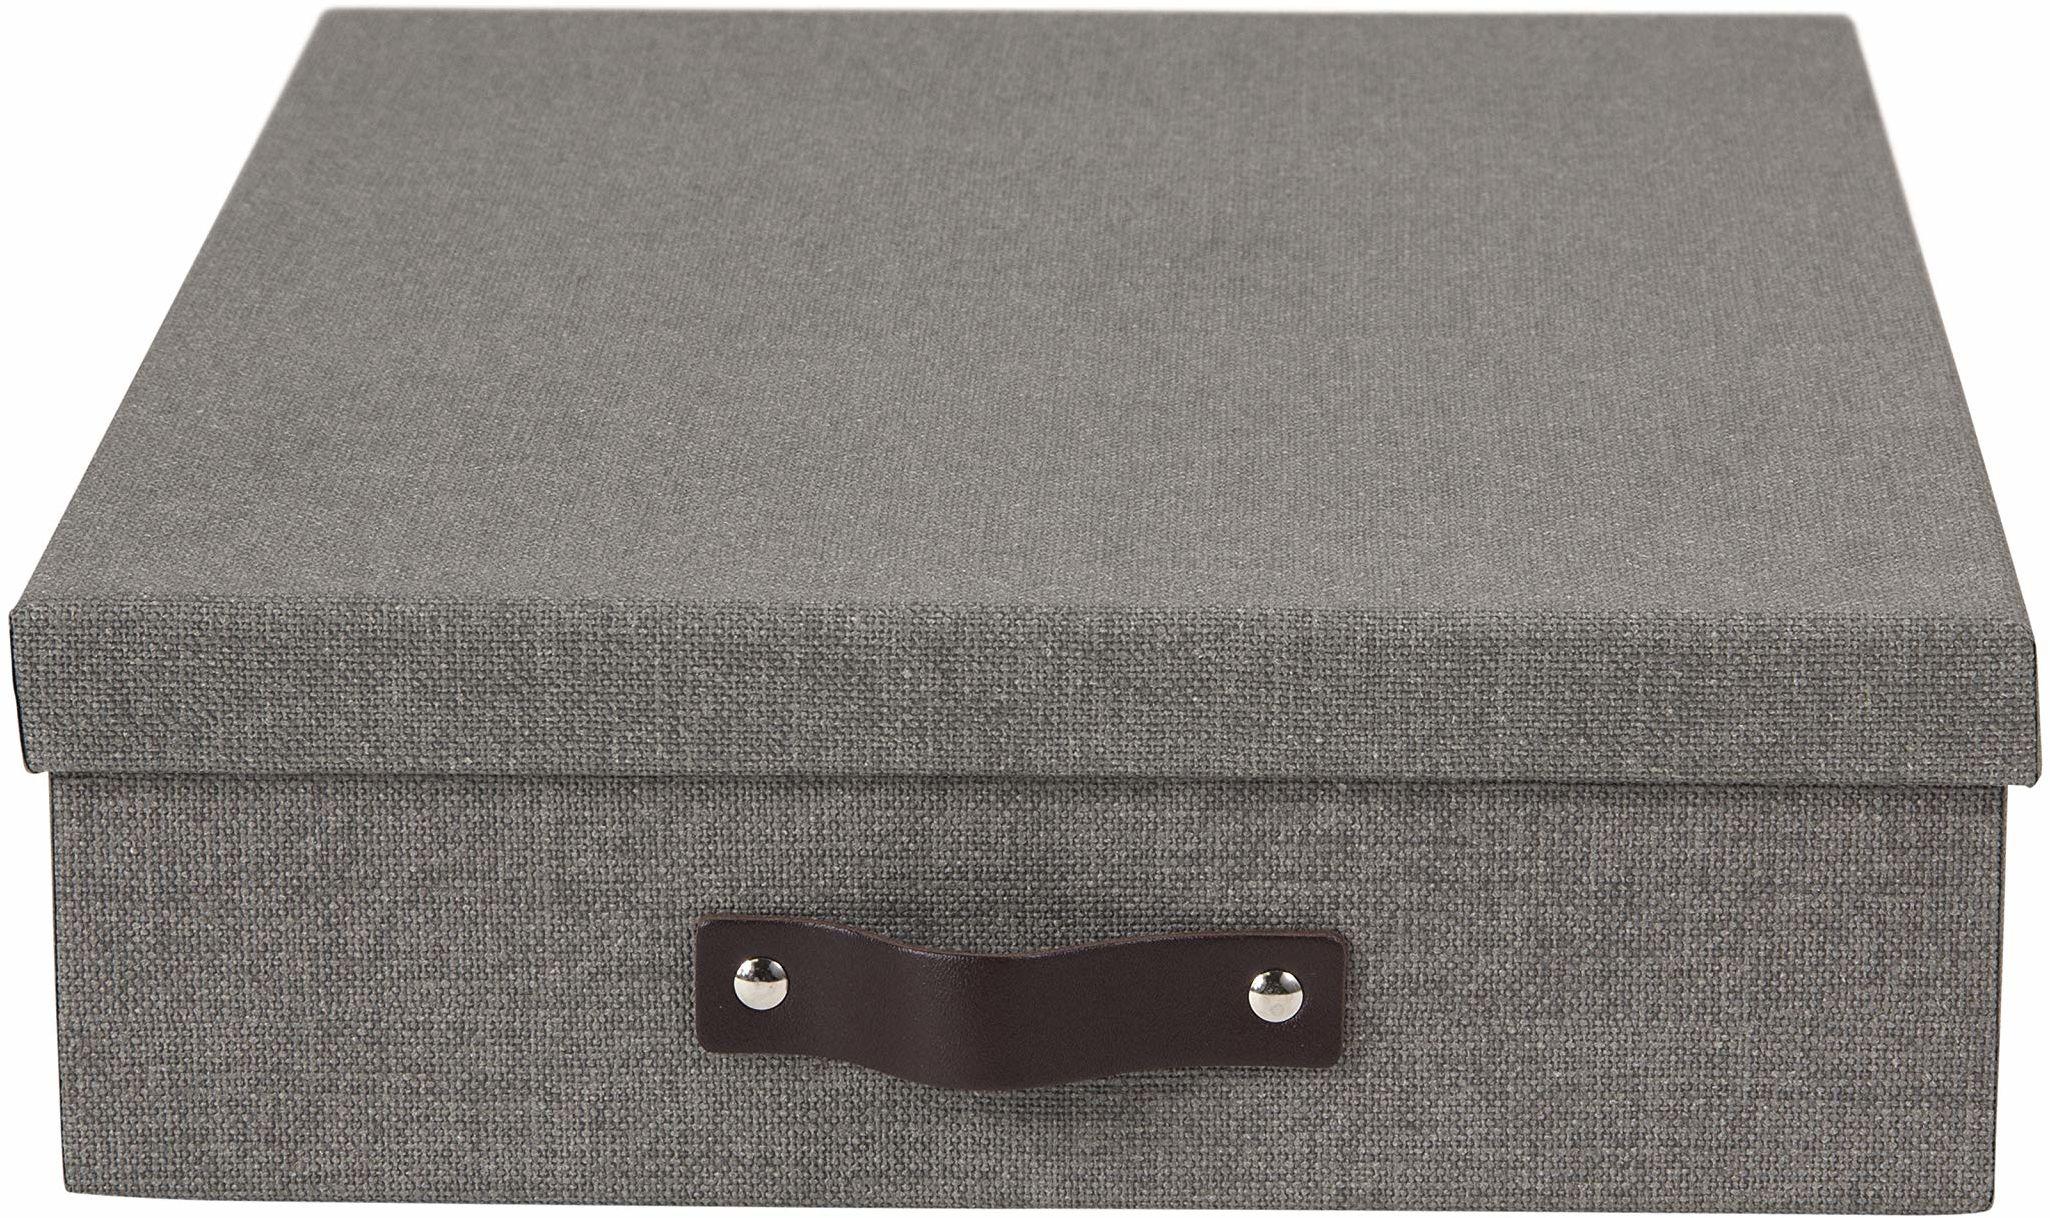 """Pudełko do przechowywania A4 """"Oskar"""" na listy, 26 x 35 x 9 cm (szer. x gł. x wys.) szare"""